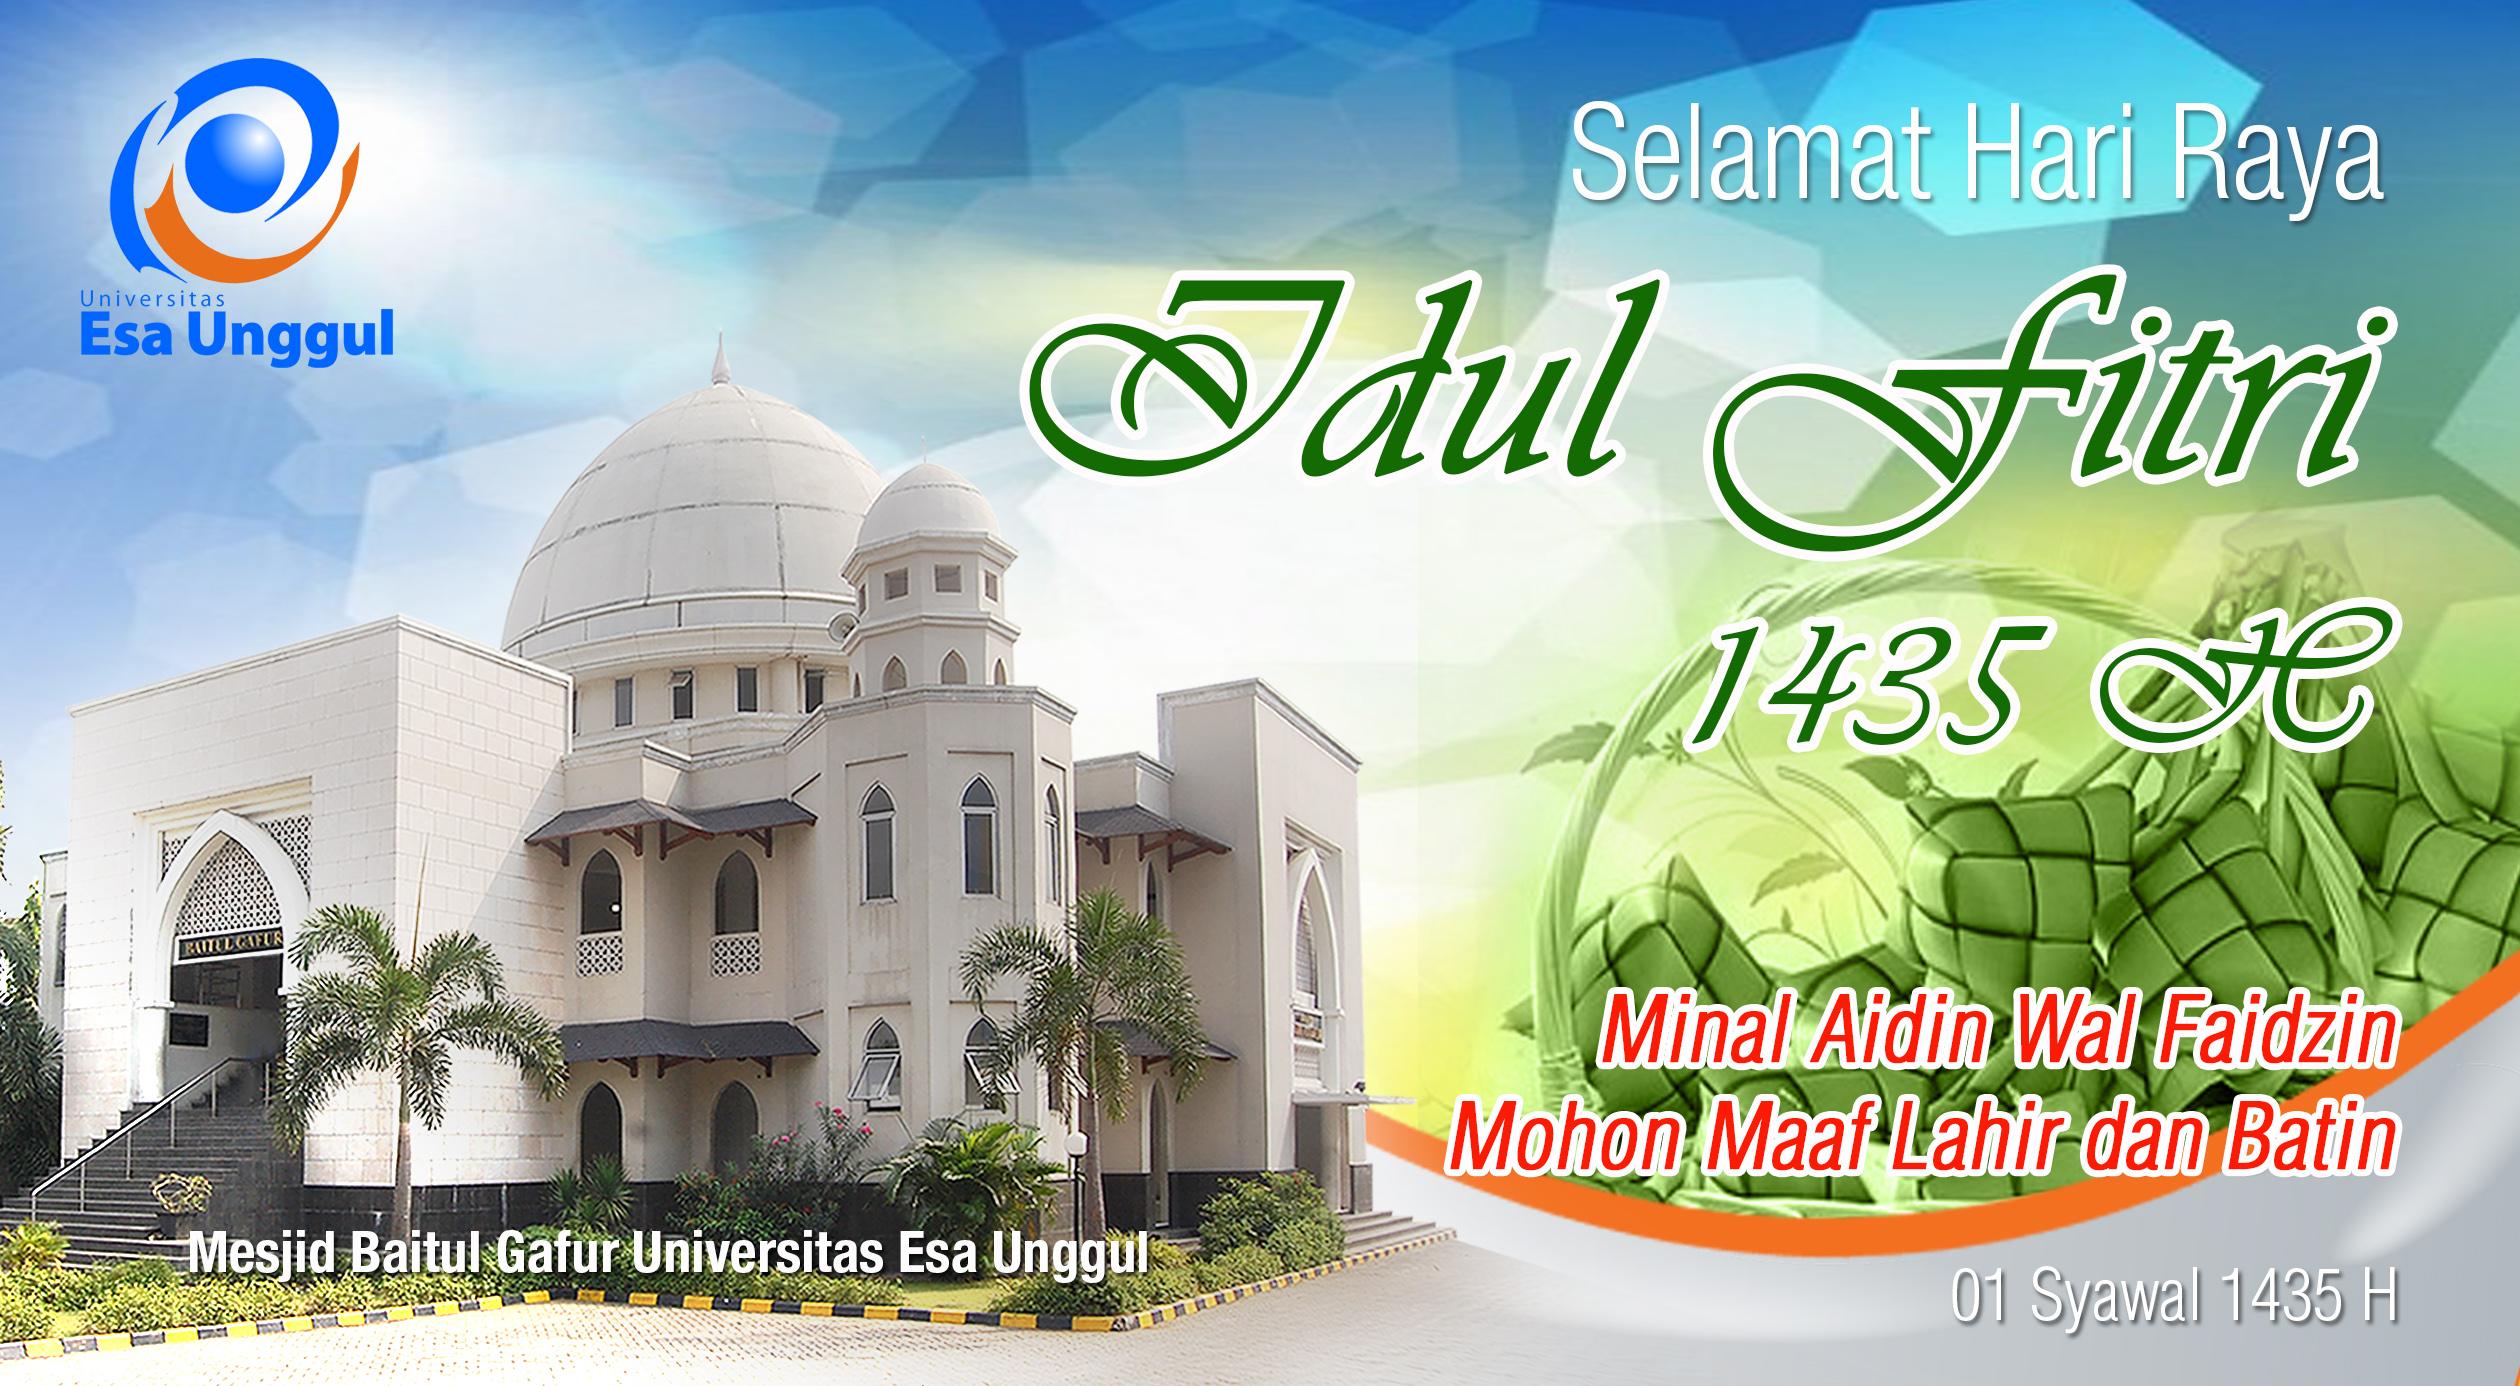 """Universitas Esa Unggul mengucapkan """" Selamat Hari Raya Idul Fitri 1435 H"""". Minal Aidin Wal Faidzin. Mohon Maaf Lahir Dan Batin"""